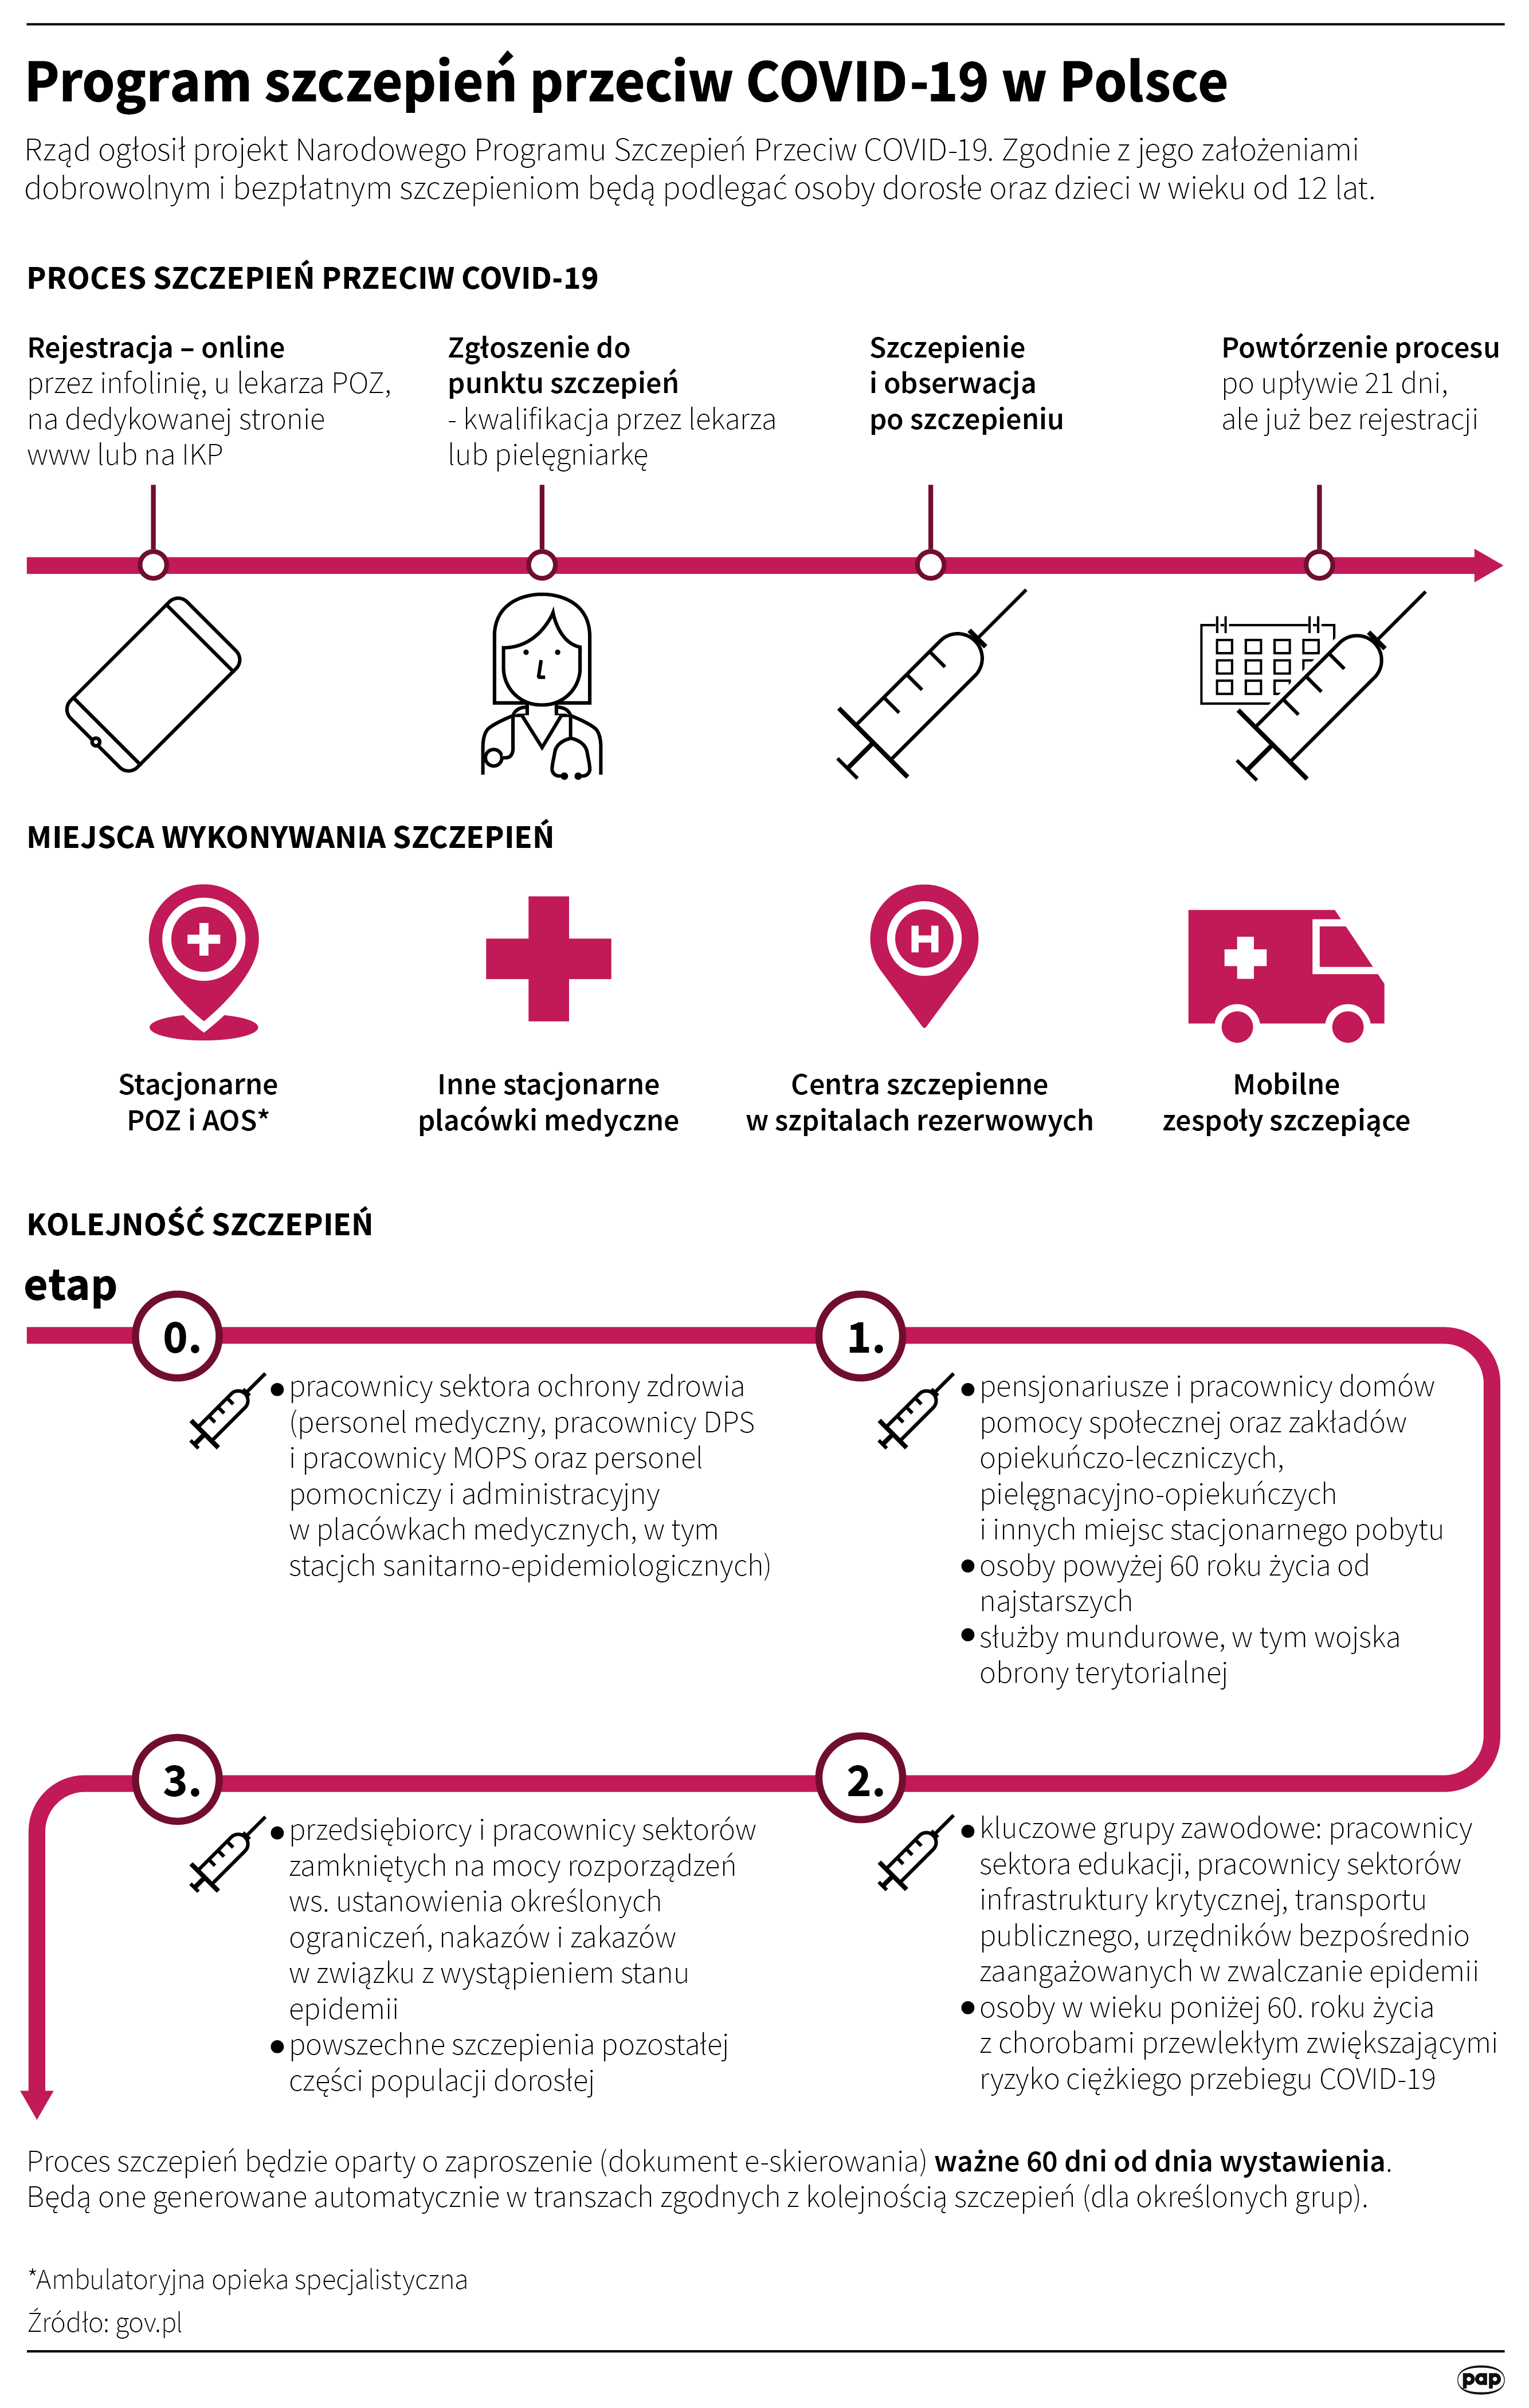 Projekt Narodowego Programu Szczepień przeciw COVID-19 opublikowano we wtorek na stronie gov.pl. Zgodnie z jego założeniami dobrowolnym i bezpłatnym szczepieniom będą podlegać dorośli i dzieci w wieku od 12 lat (PAP)